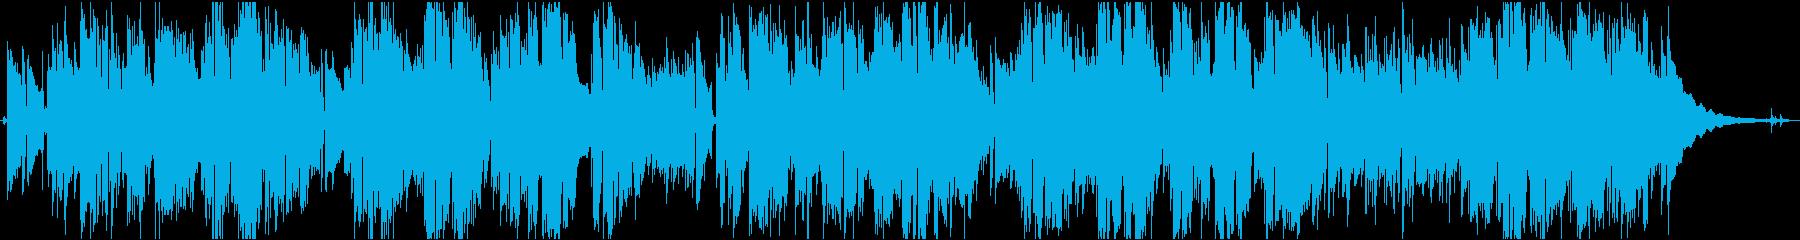 プールサイド・コーリングの再生済みの波形